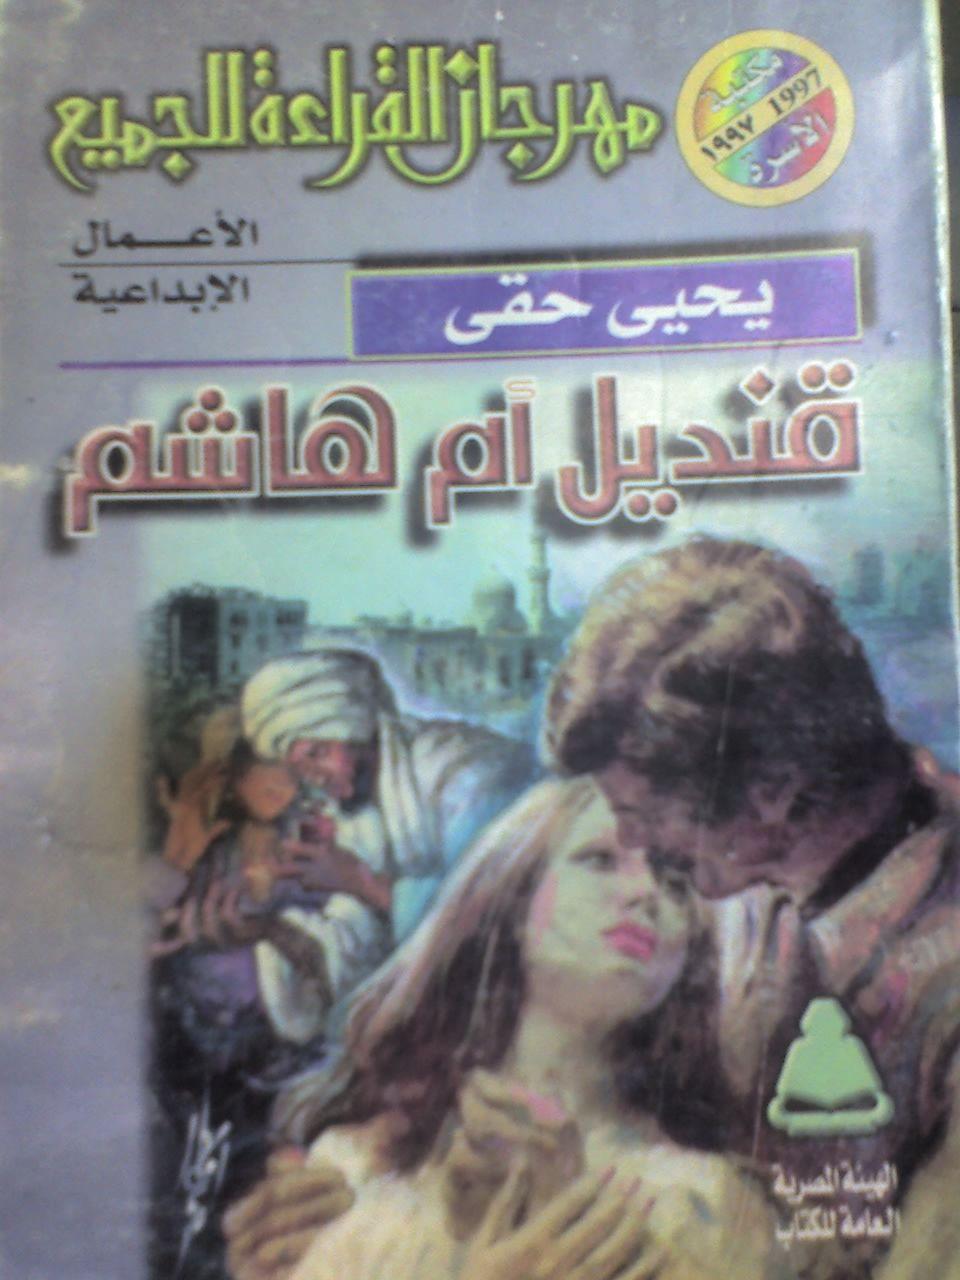 الكتاب المسموع رواية قنديل أم هاشم يحى حقى Book Cover Comic Book Cover Comic Books